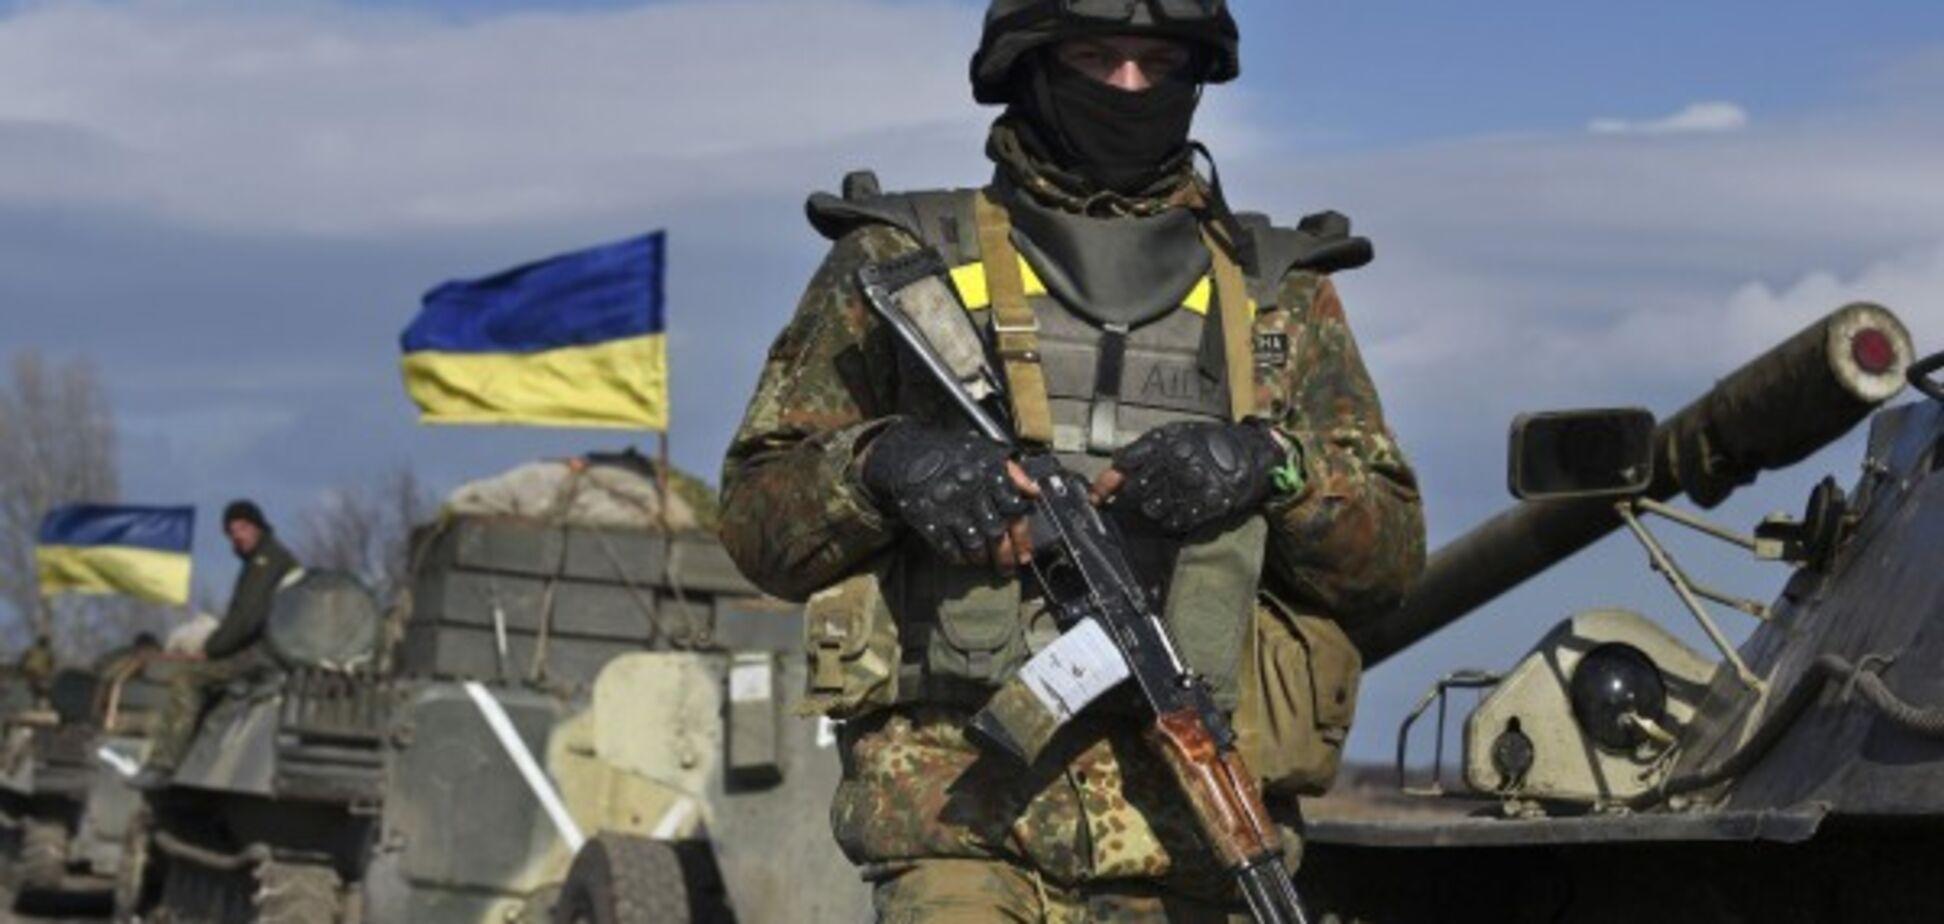 ВСУ дали жесткий отпор террористам на Донбассе: провокации провалились